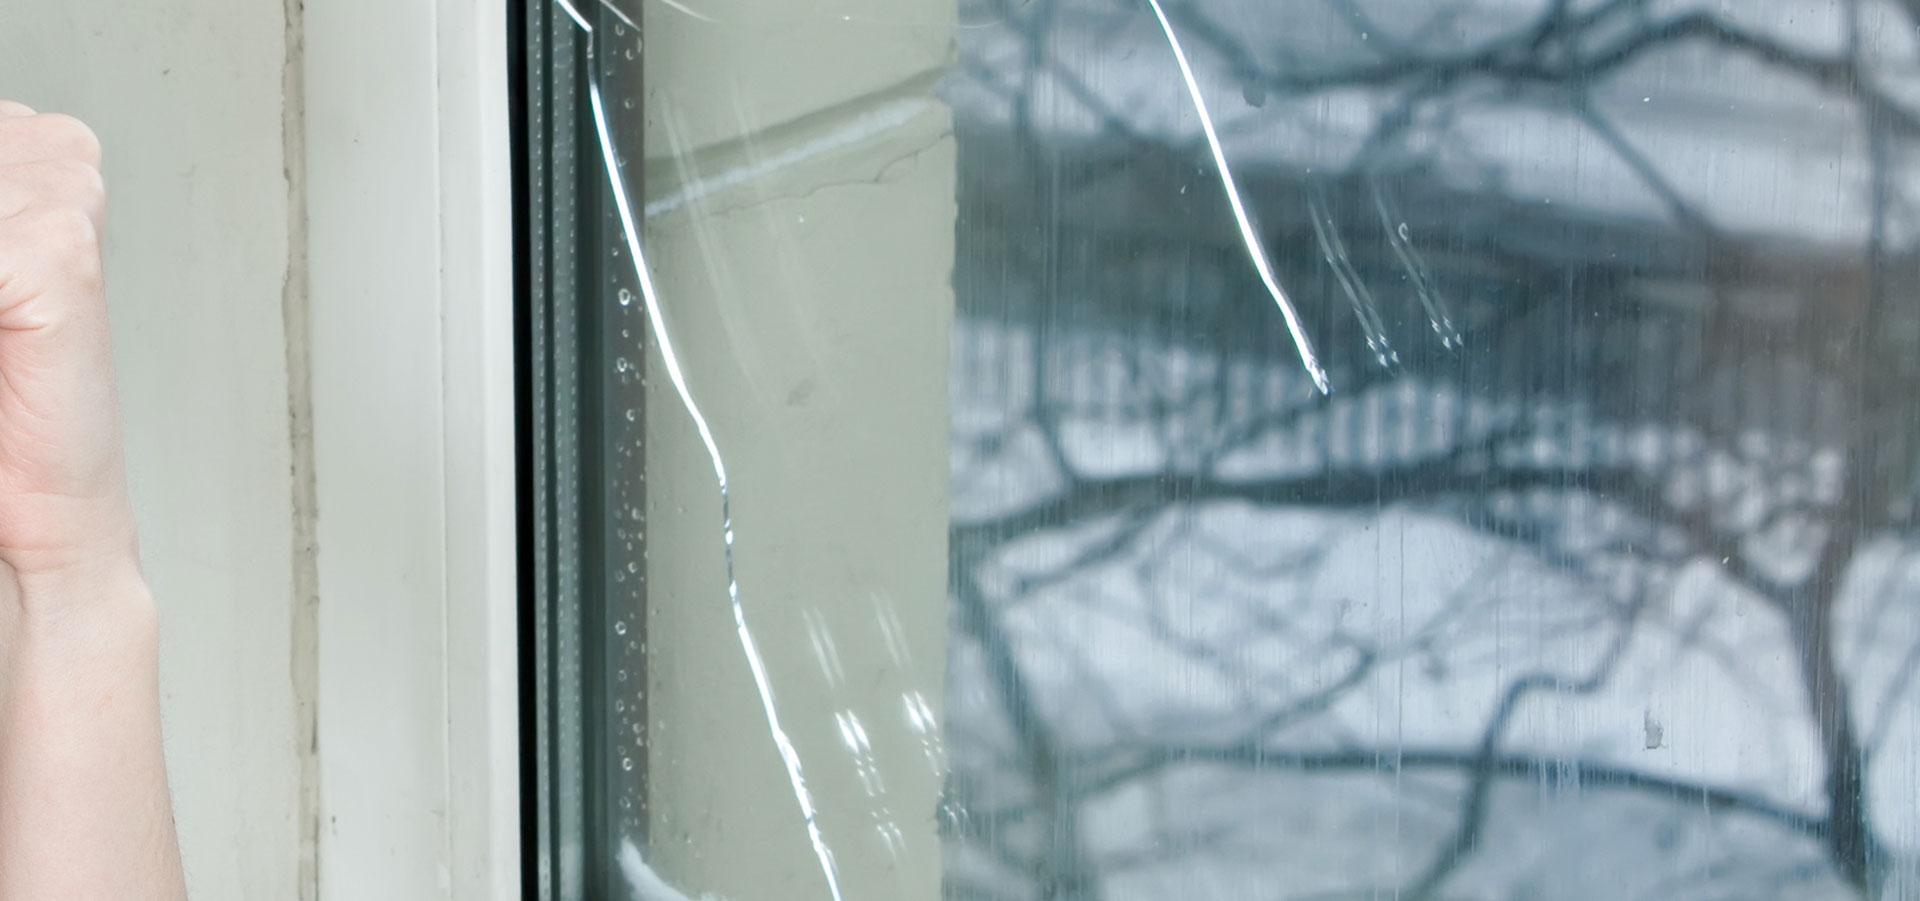 Hvordan oppstår termisk brudd i bygningsglassprodukter?